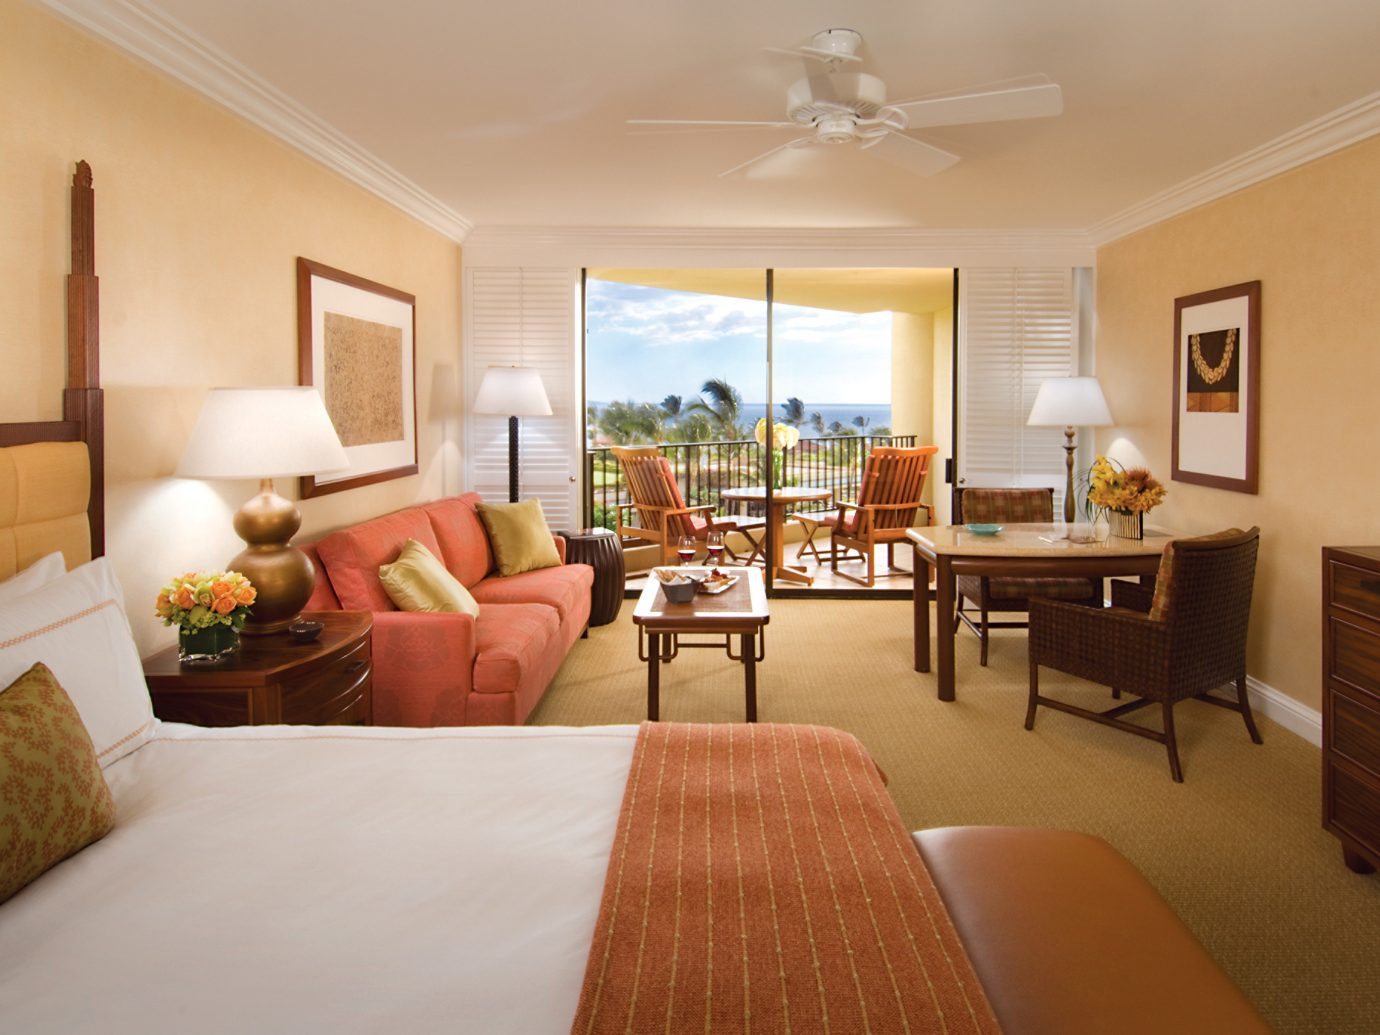 Bedroom at Four Seasons Maui